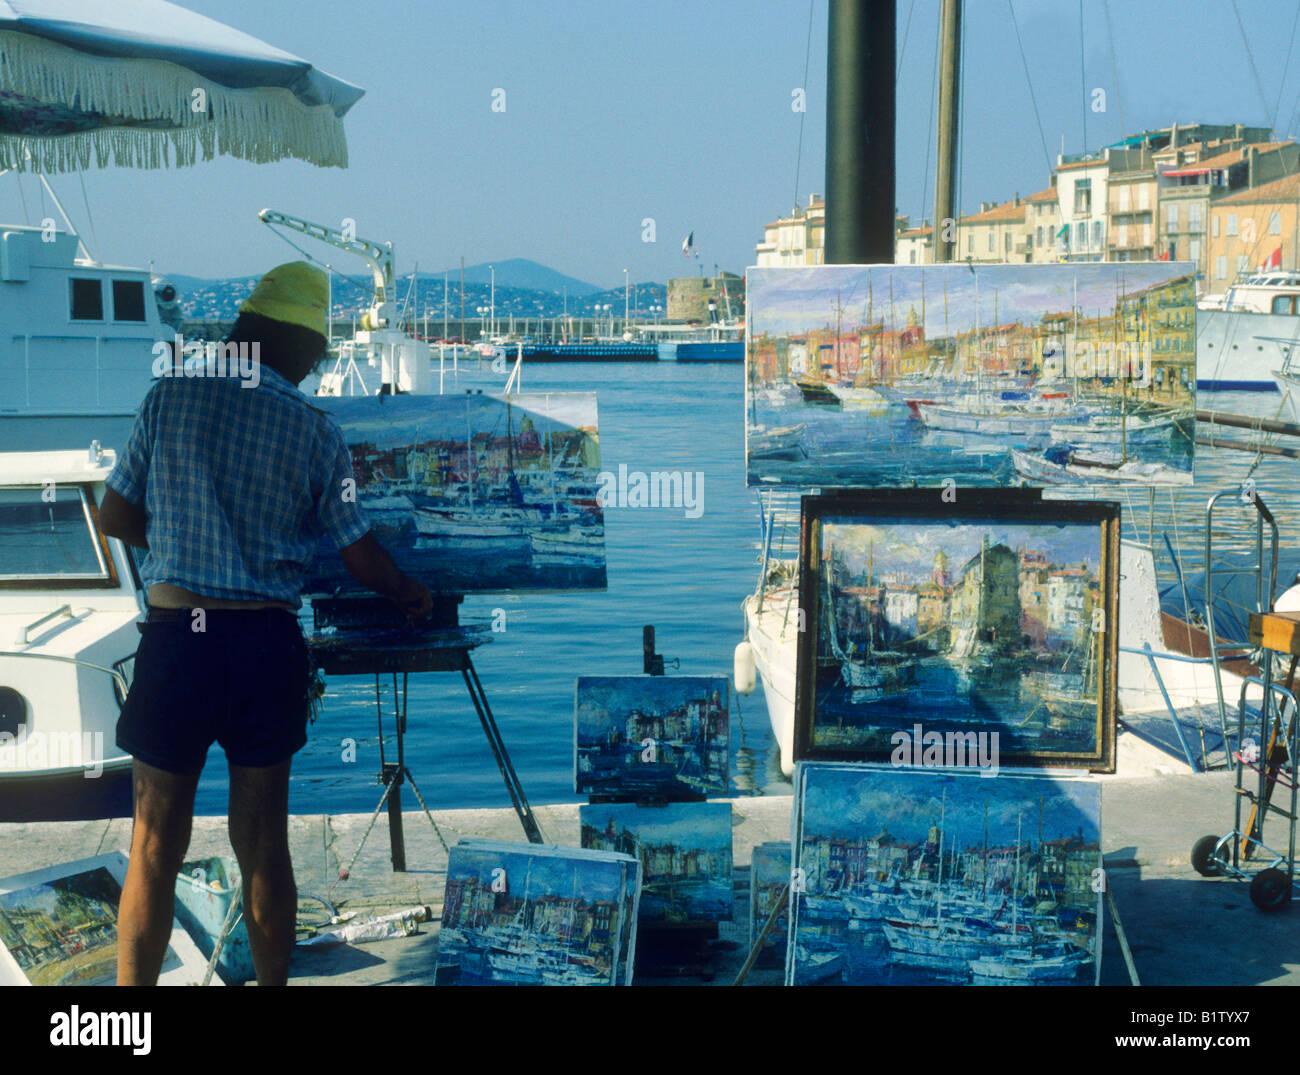 Artiste Peintre St Tropez artiste st tropez port sud de france chevalet peinture